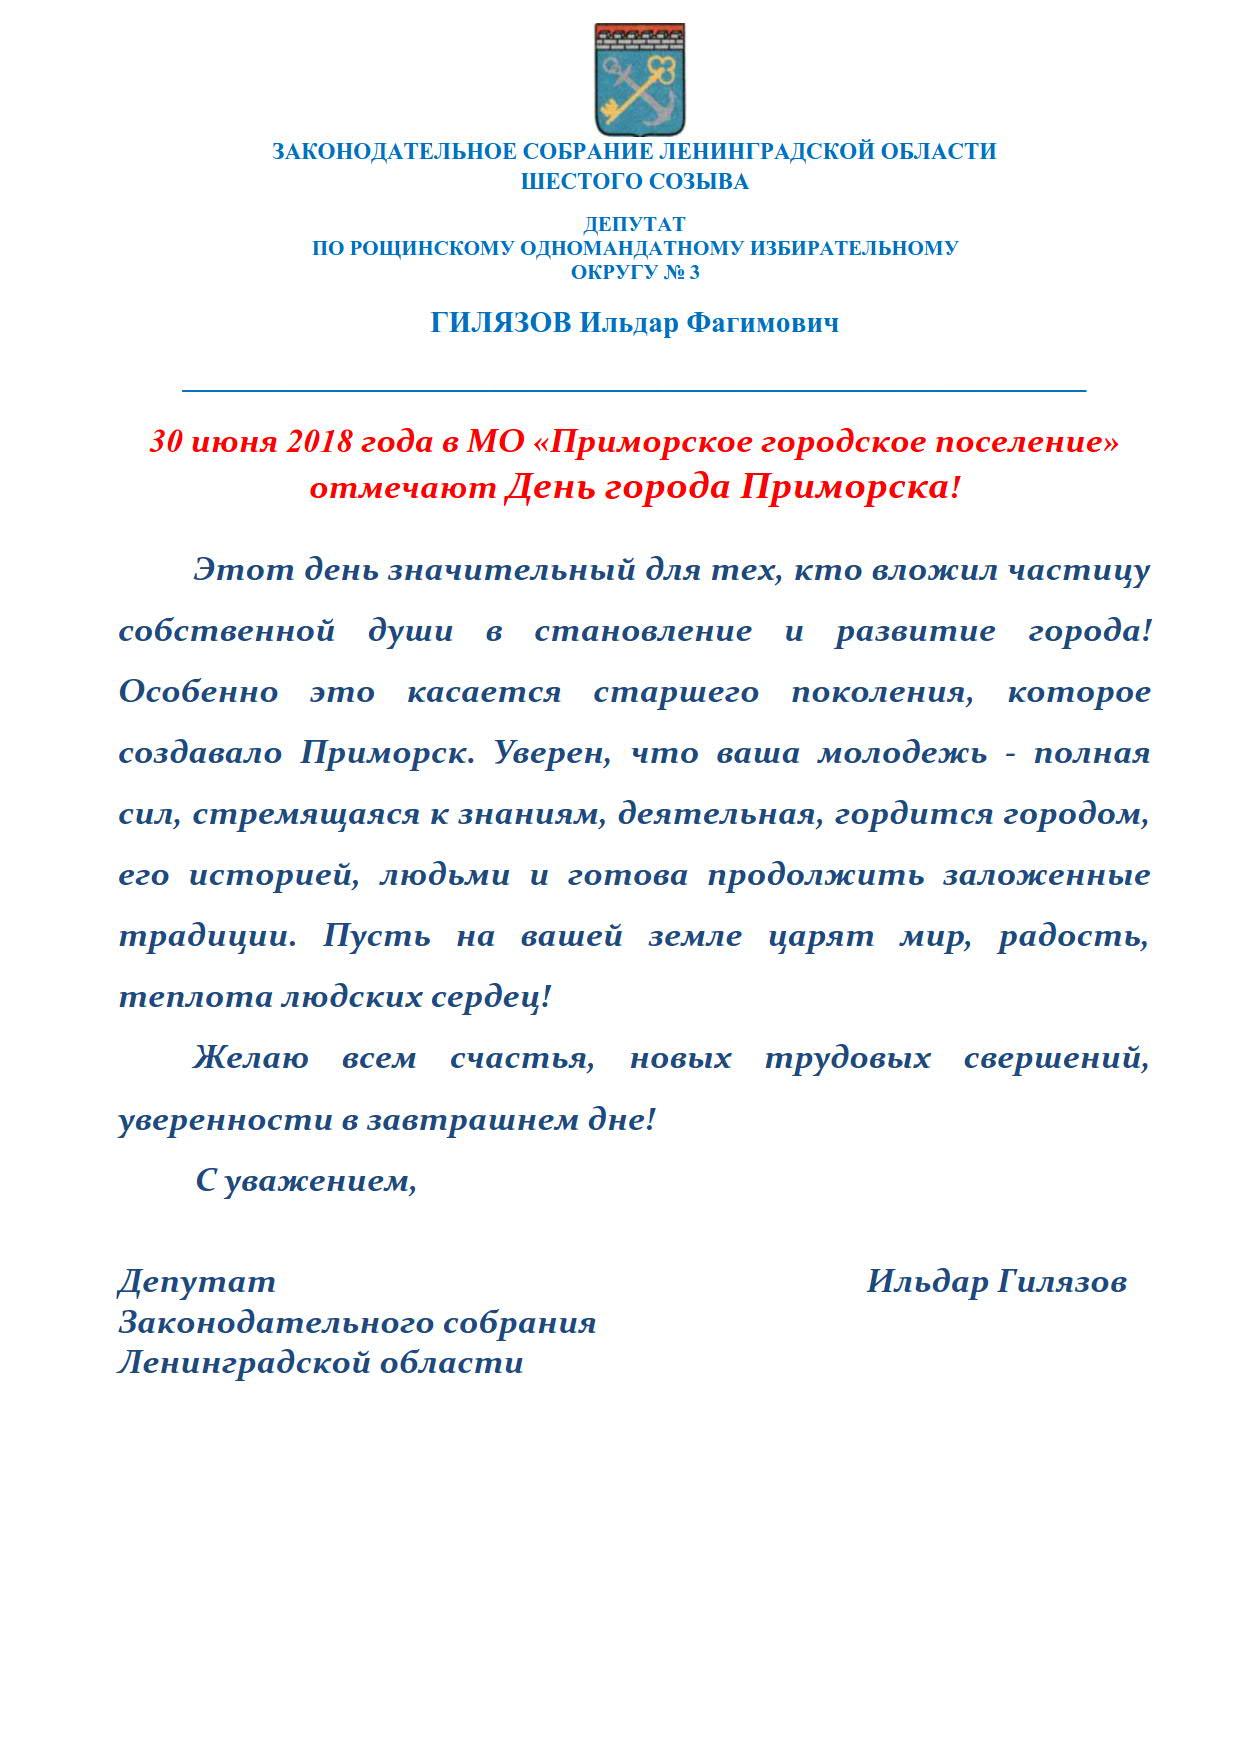 День города Приморска 2018_1